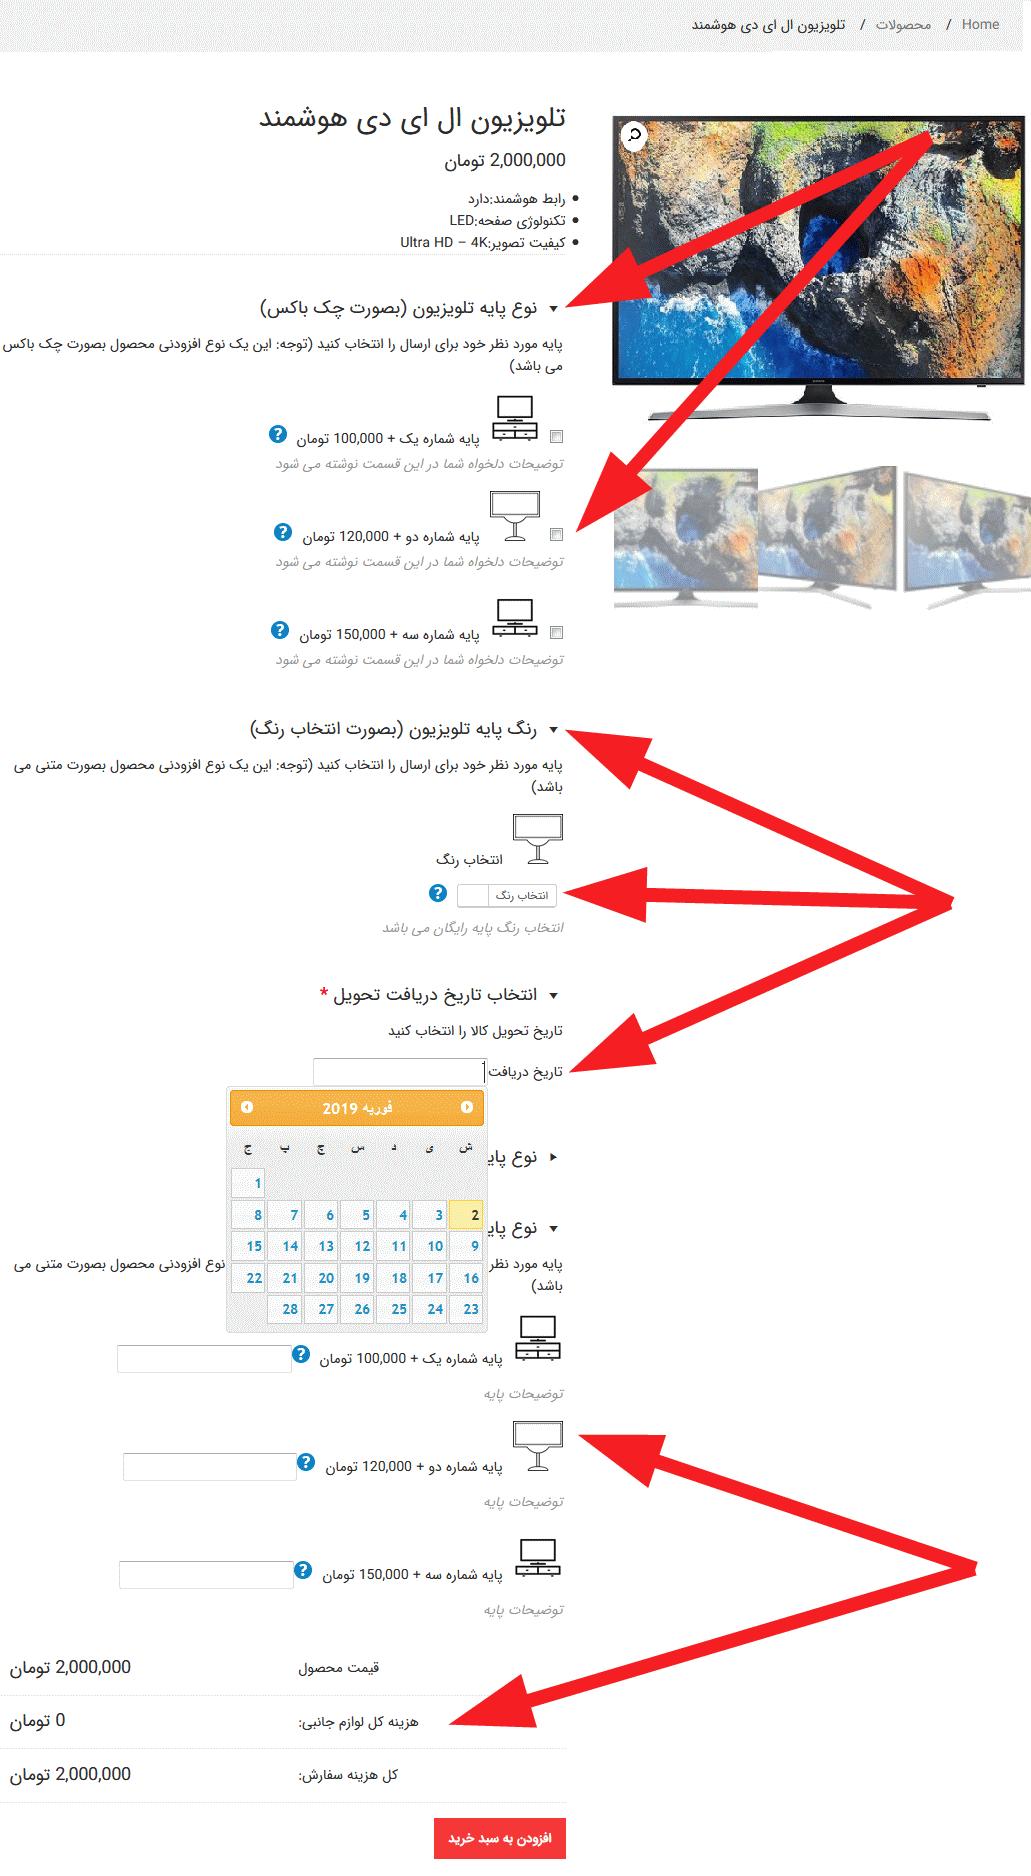 یک نمونه ویژگی های اضاف شده به یک محصول